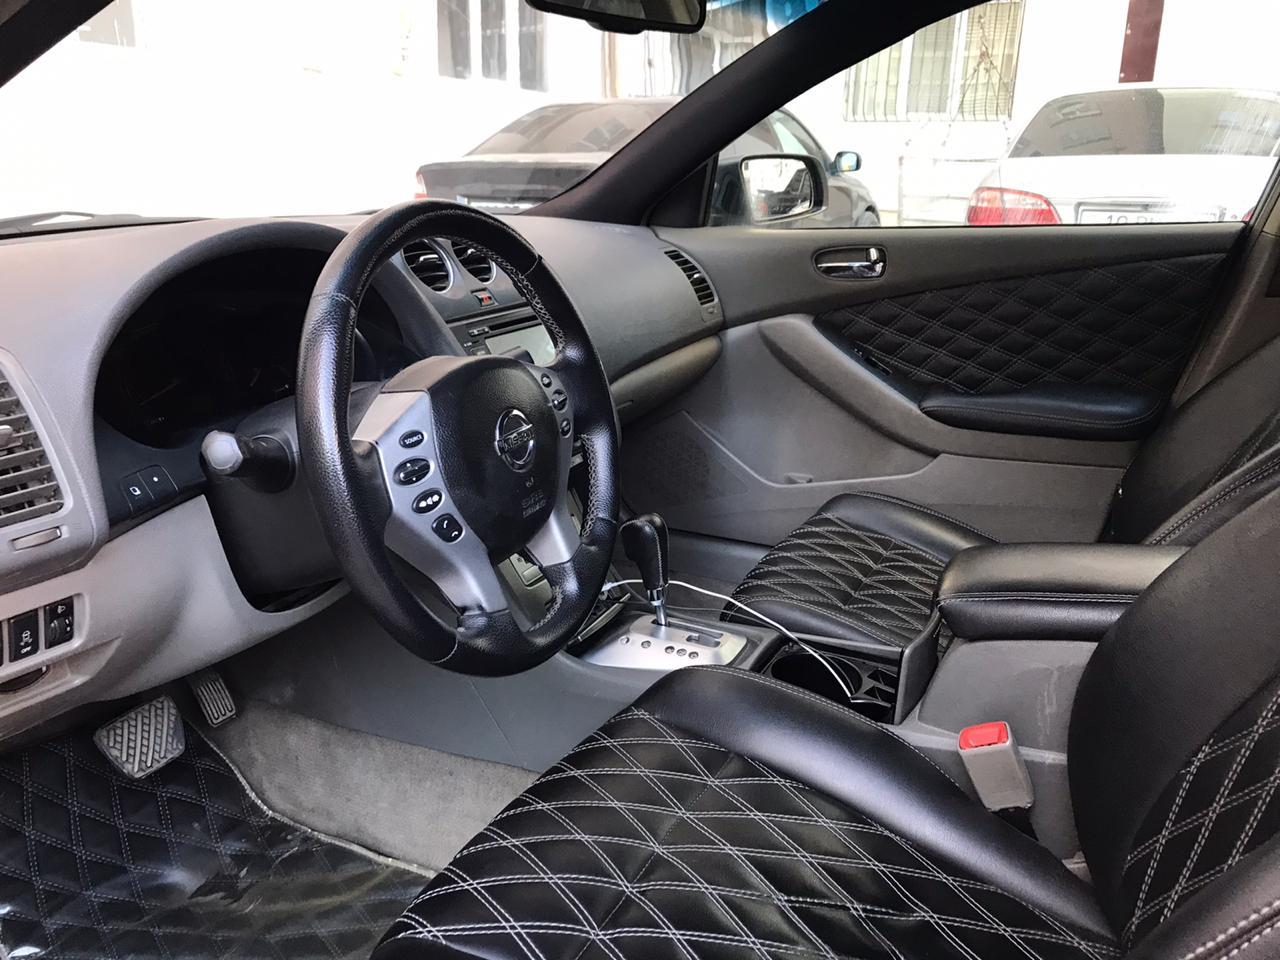 Nissan Altima 2.5(lt) 2008 Подержанный  $16000